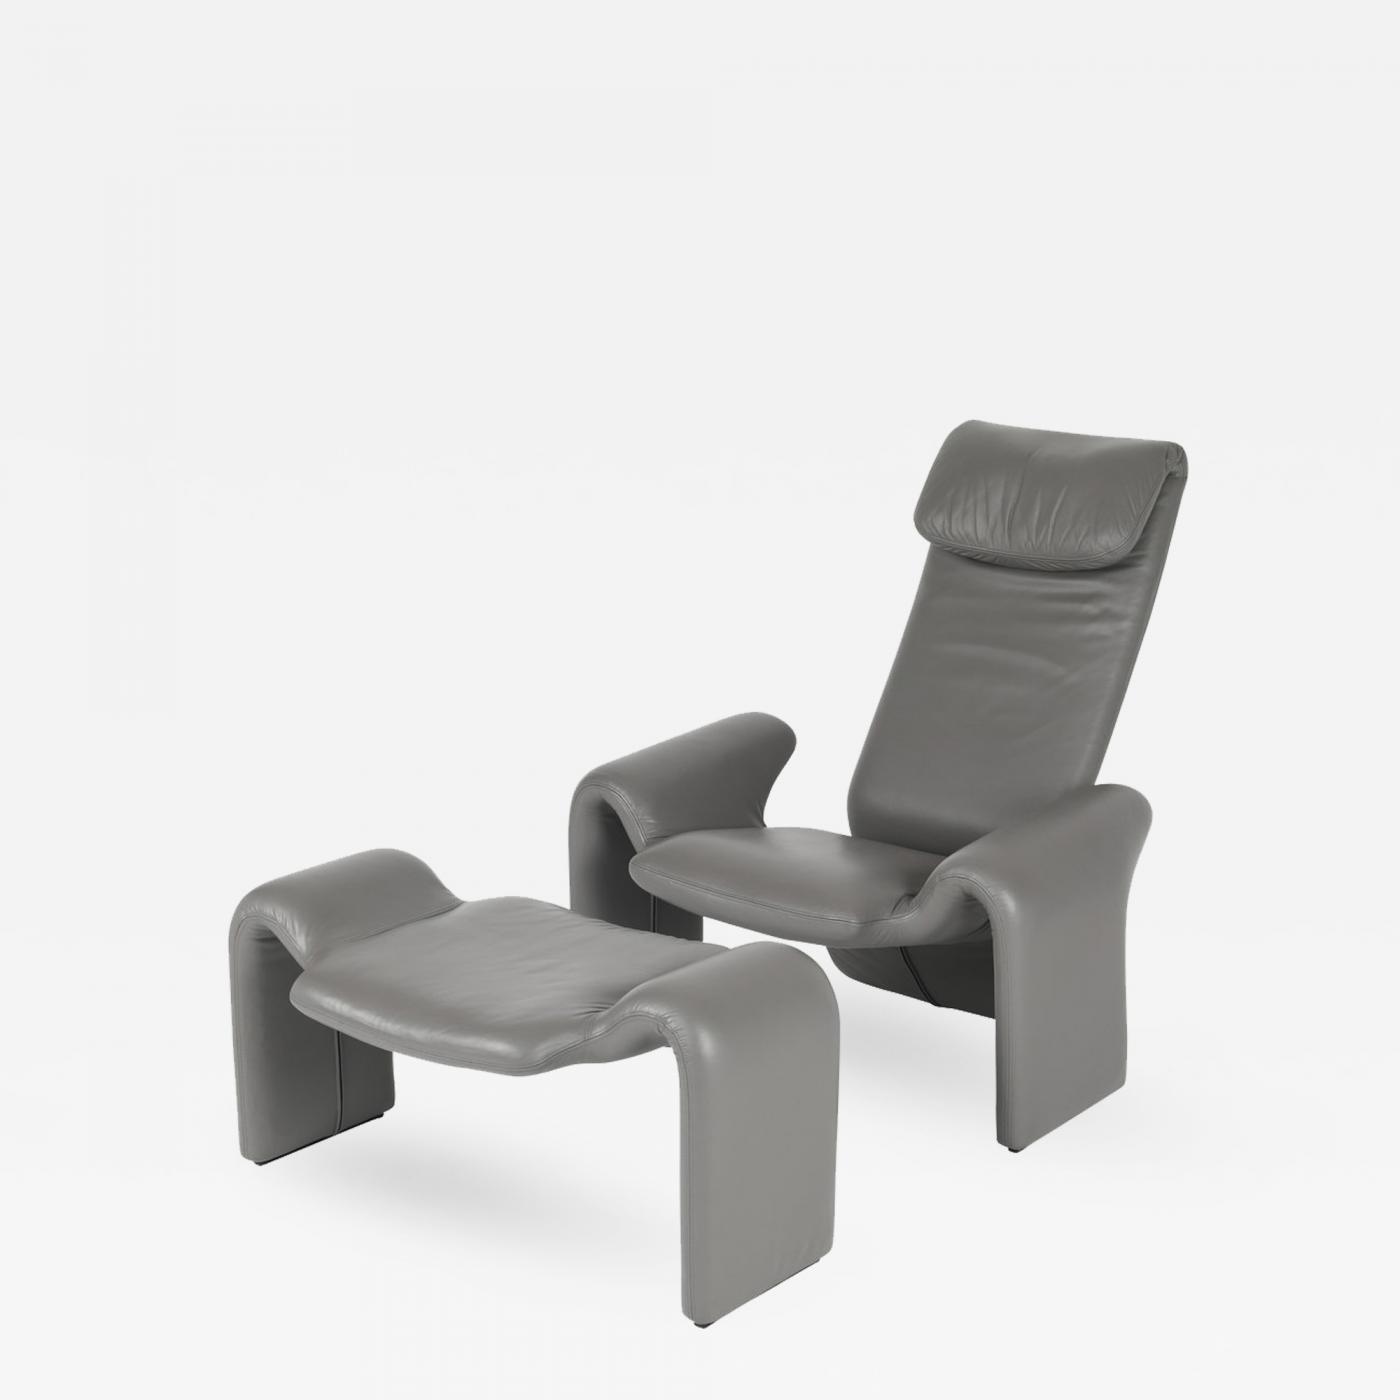 Tremendous Steve Leonard Lounge Chair And Ottoman By Steve Leonard Short Links Chair Design For Home Short Linksinfo